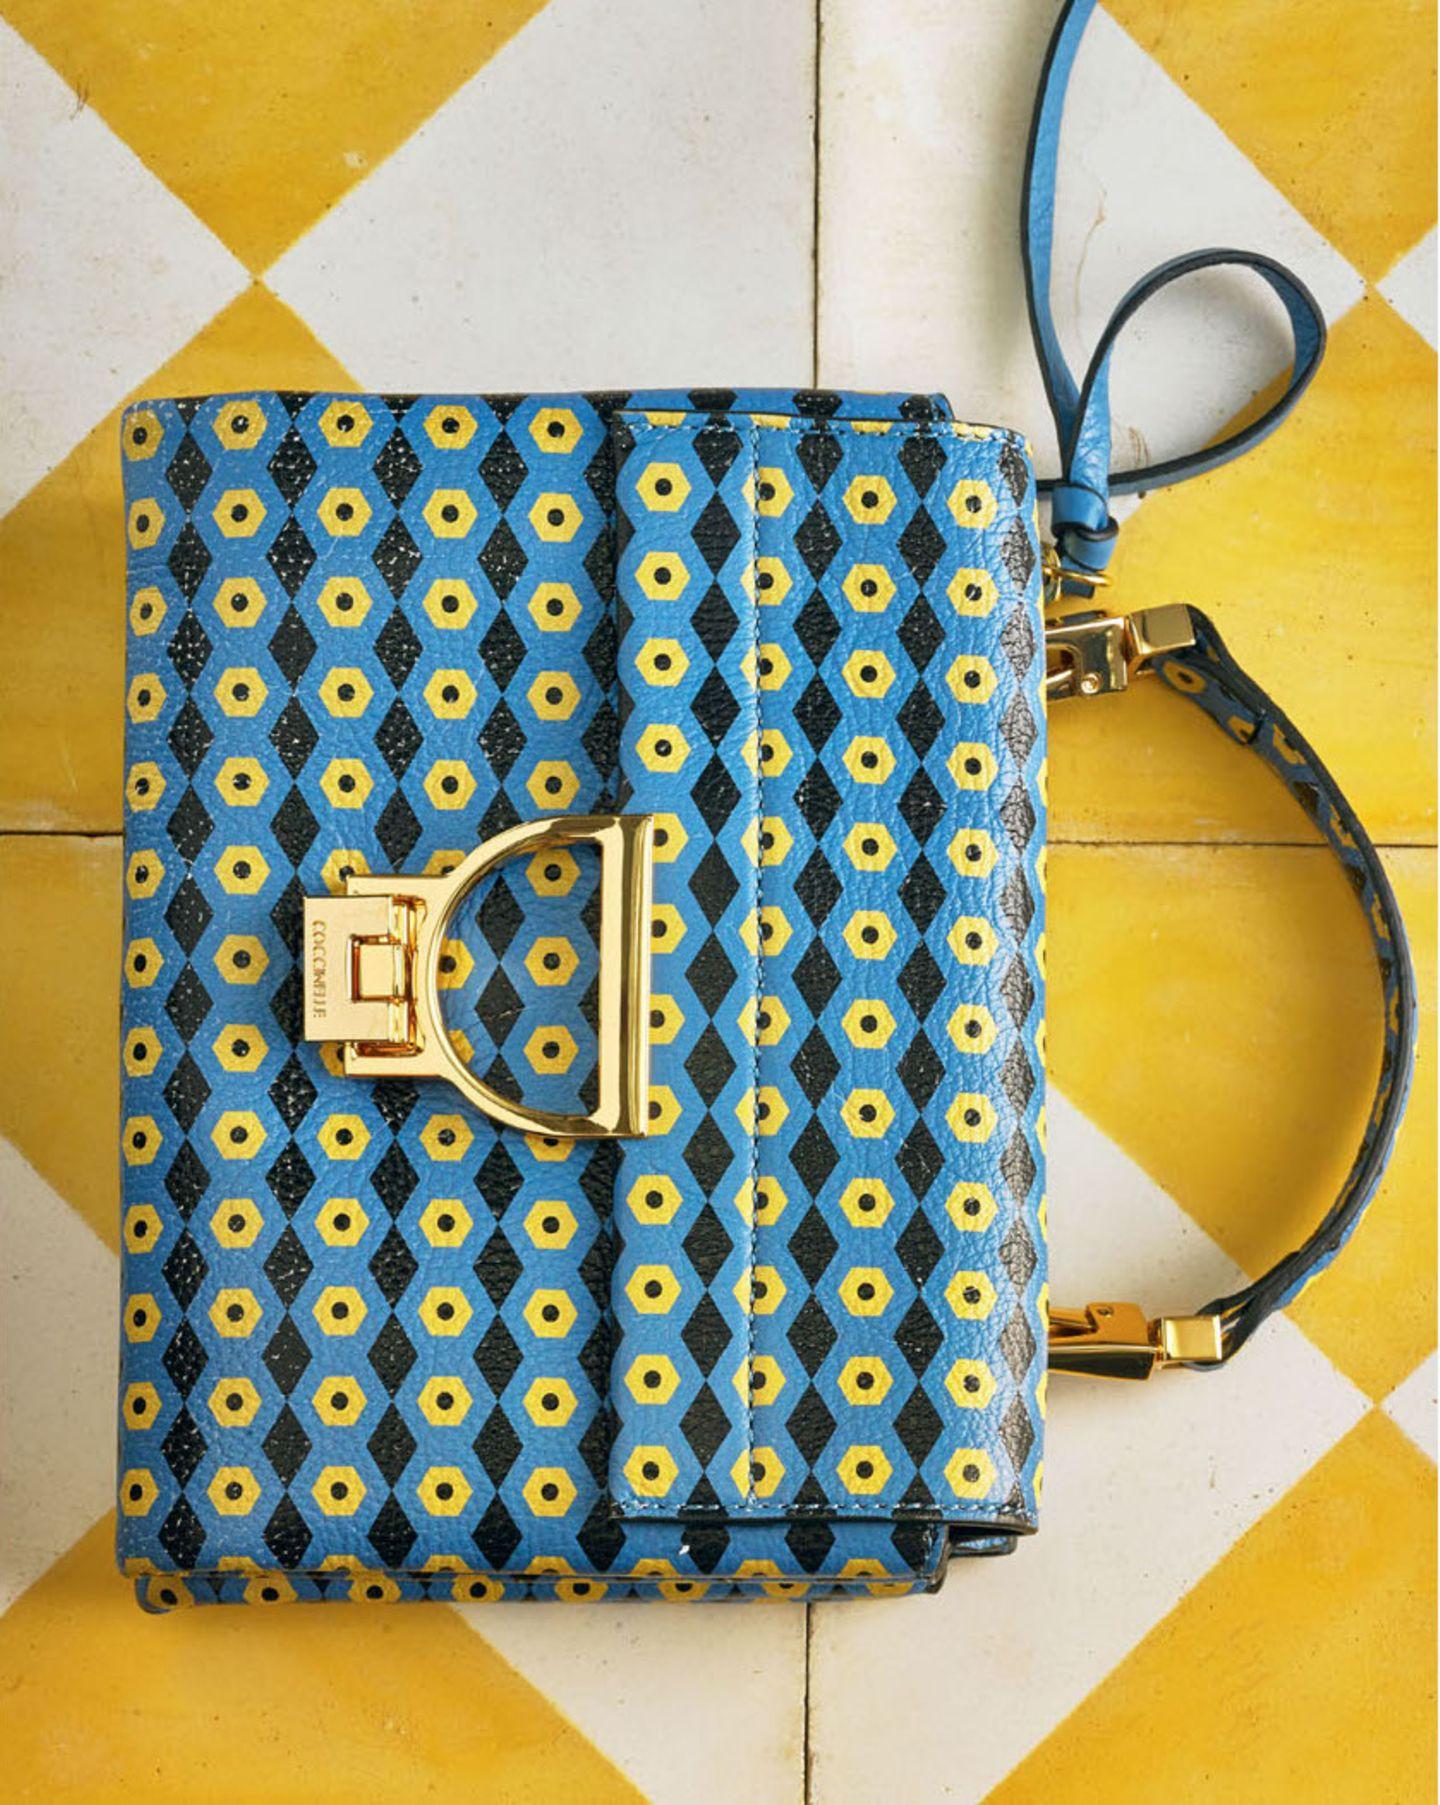 Farbtrends 2018: geld-blaue Tasche